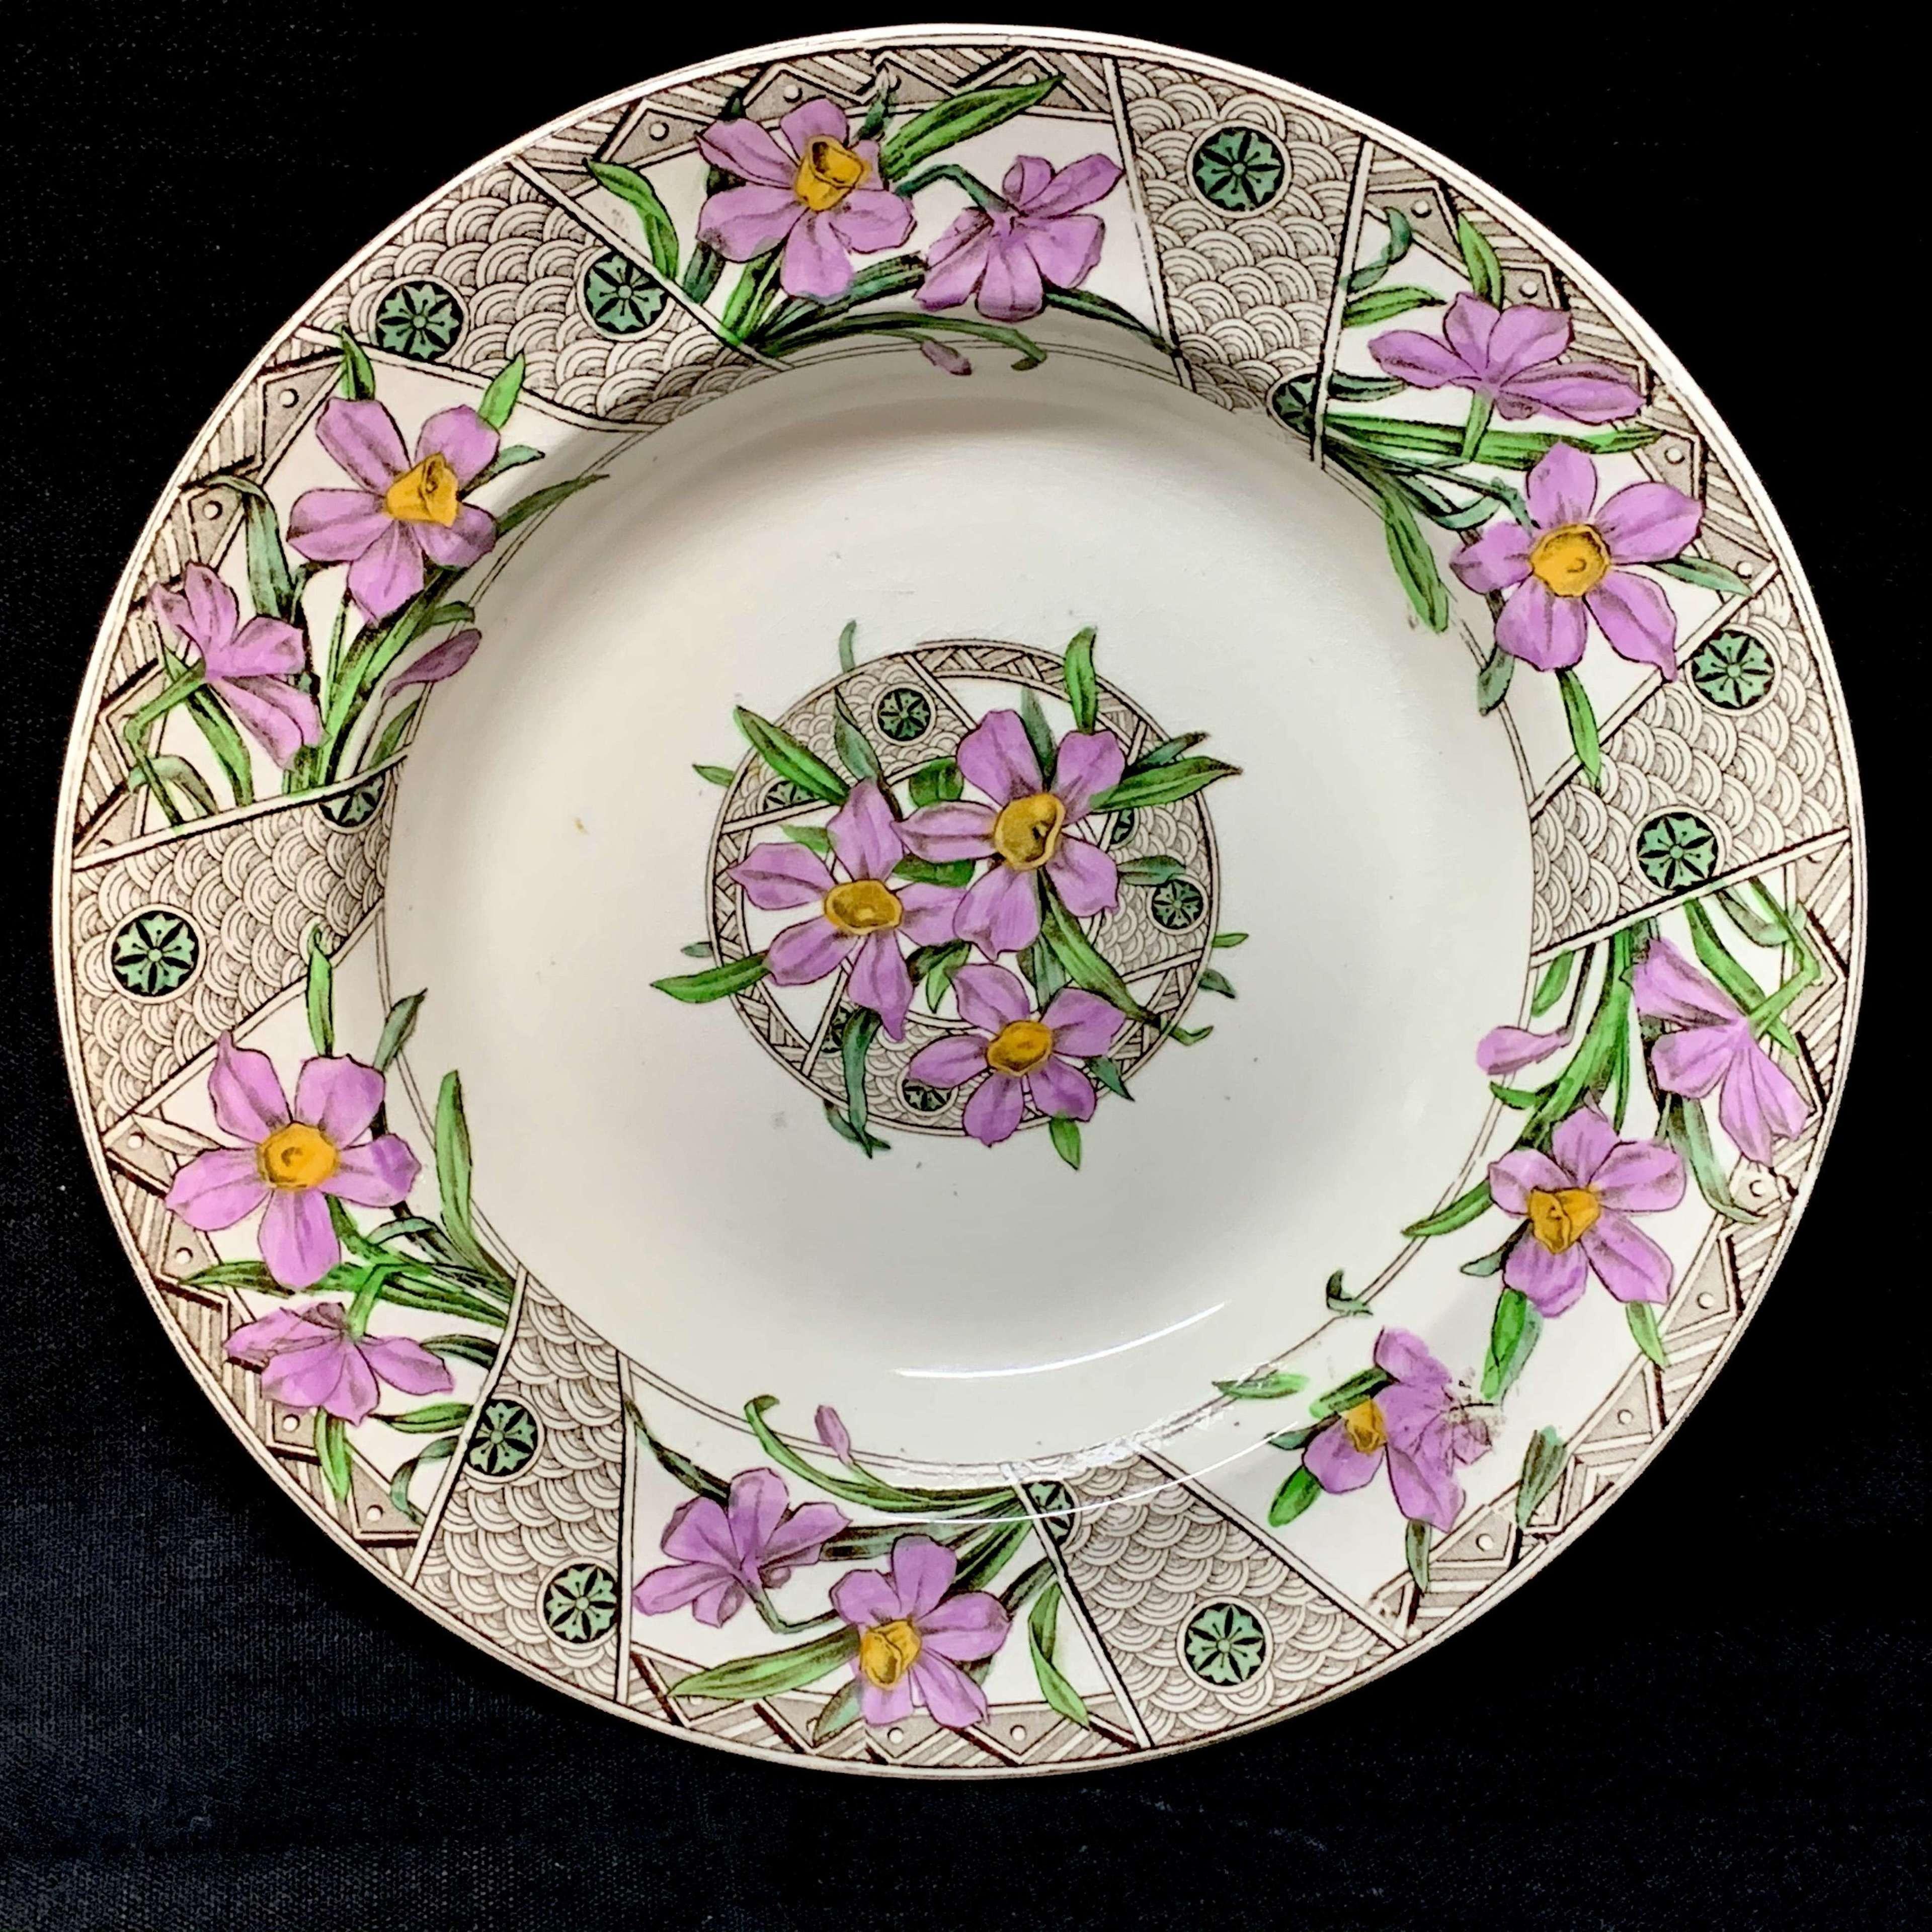 Polychrome Transfer Printed Victorian Soup Plate ~ GROSVENOR 1883